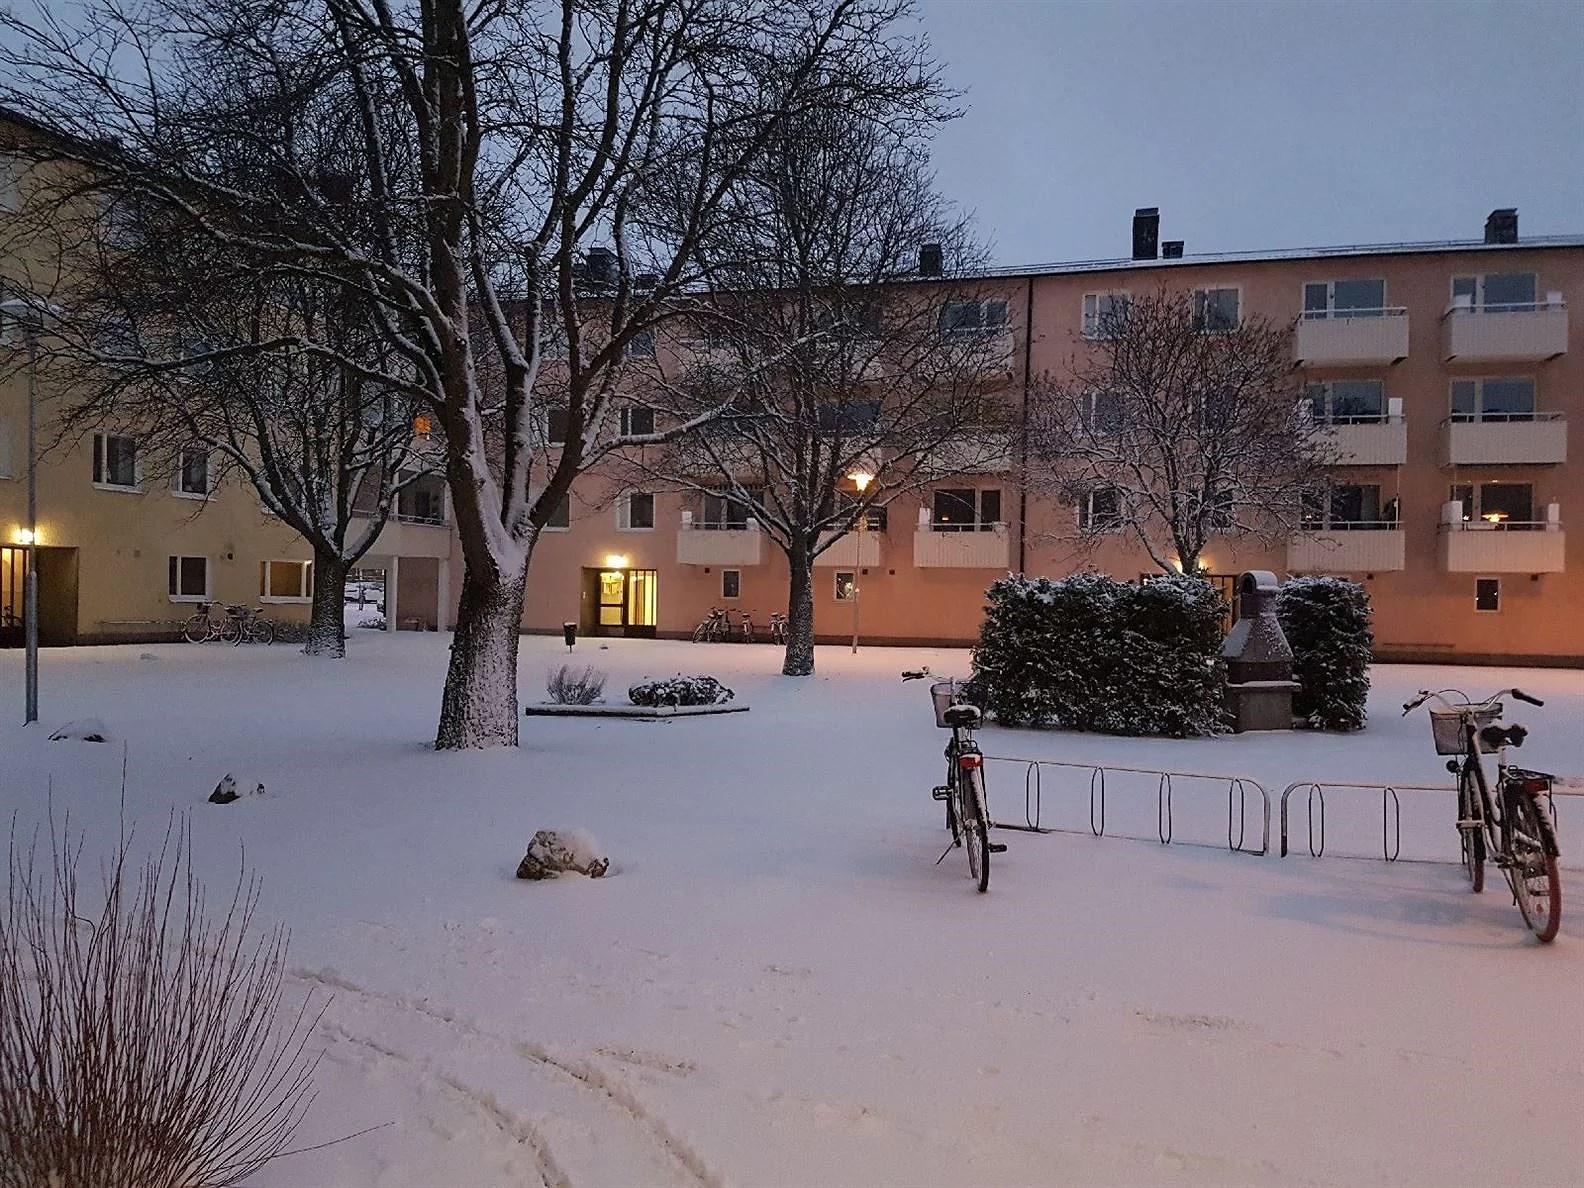 Tänk vad lite snö kan göra